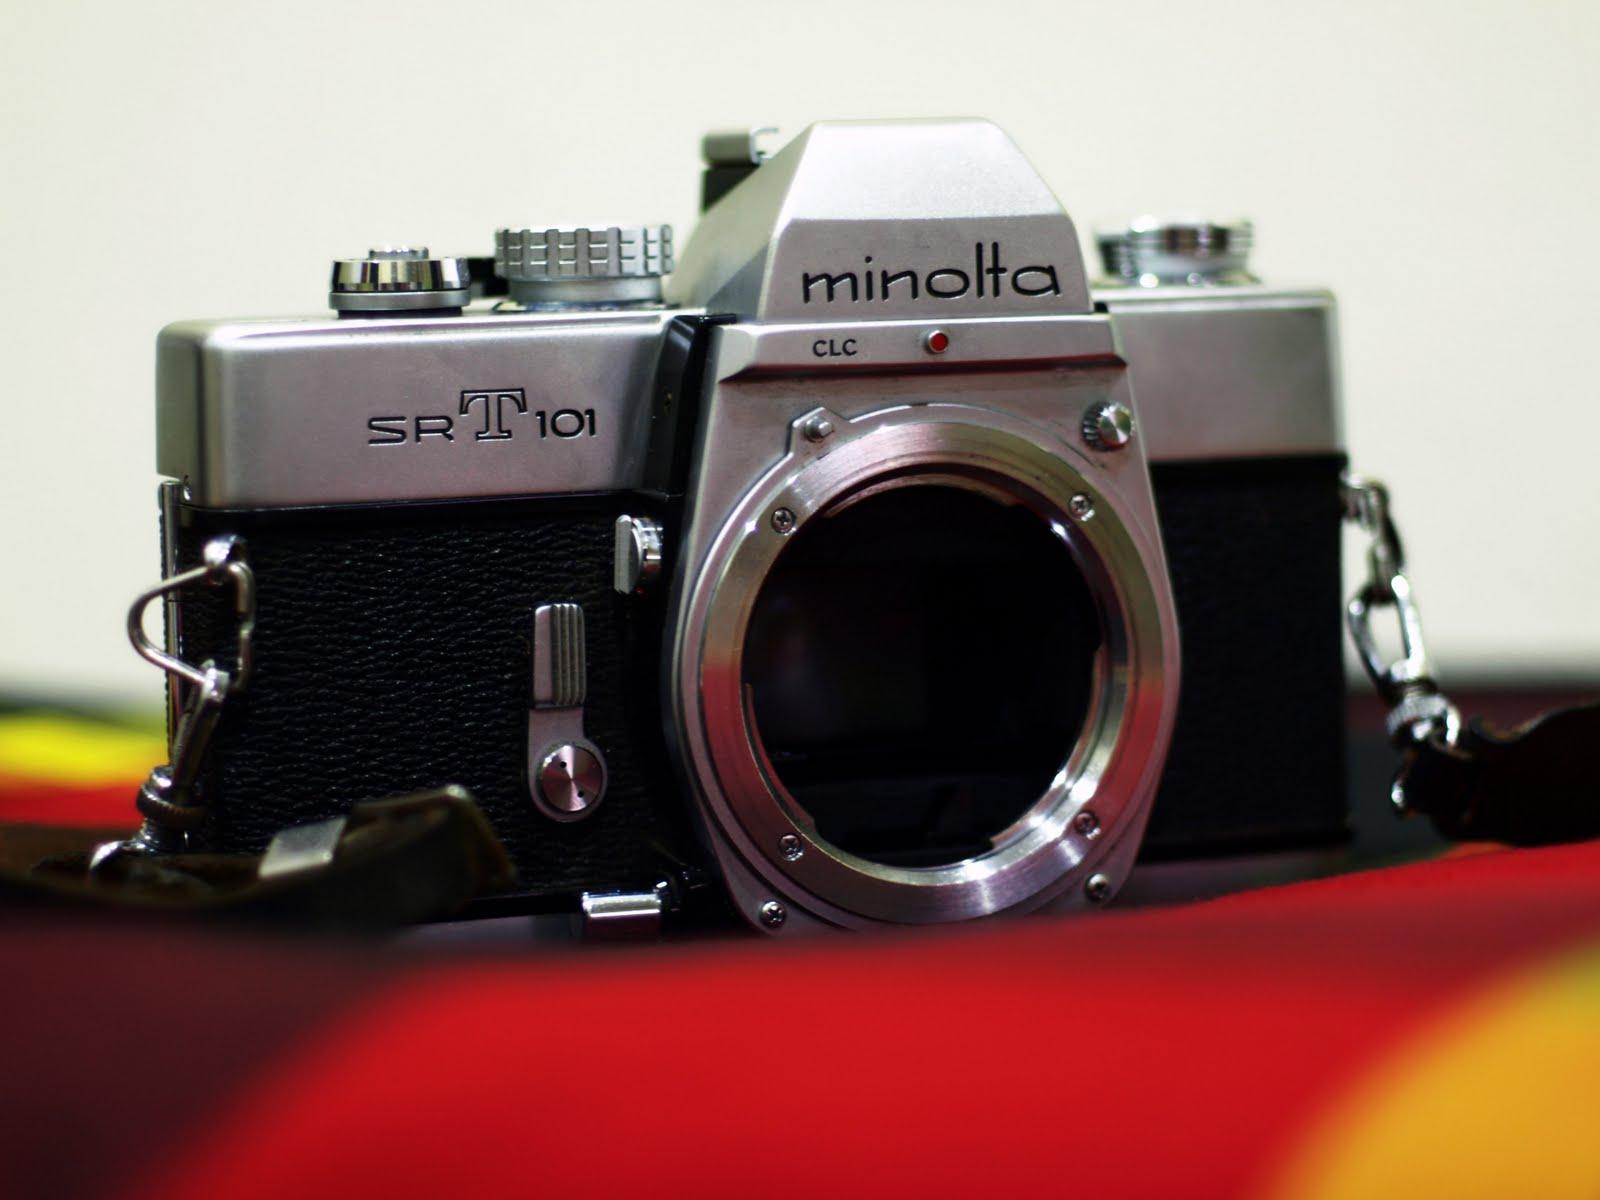 minolta srt 101 how to change battery